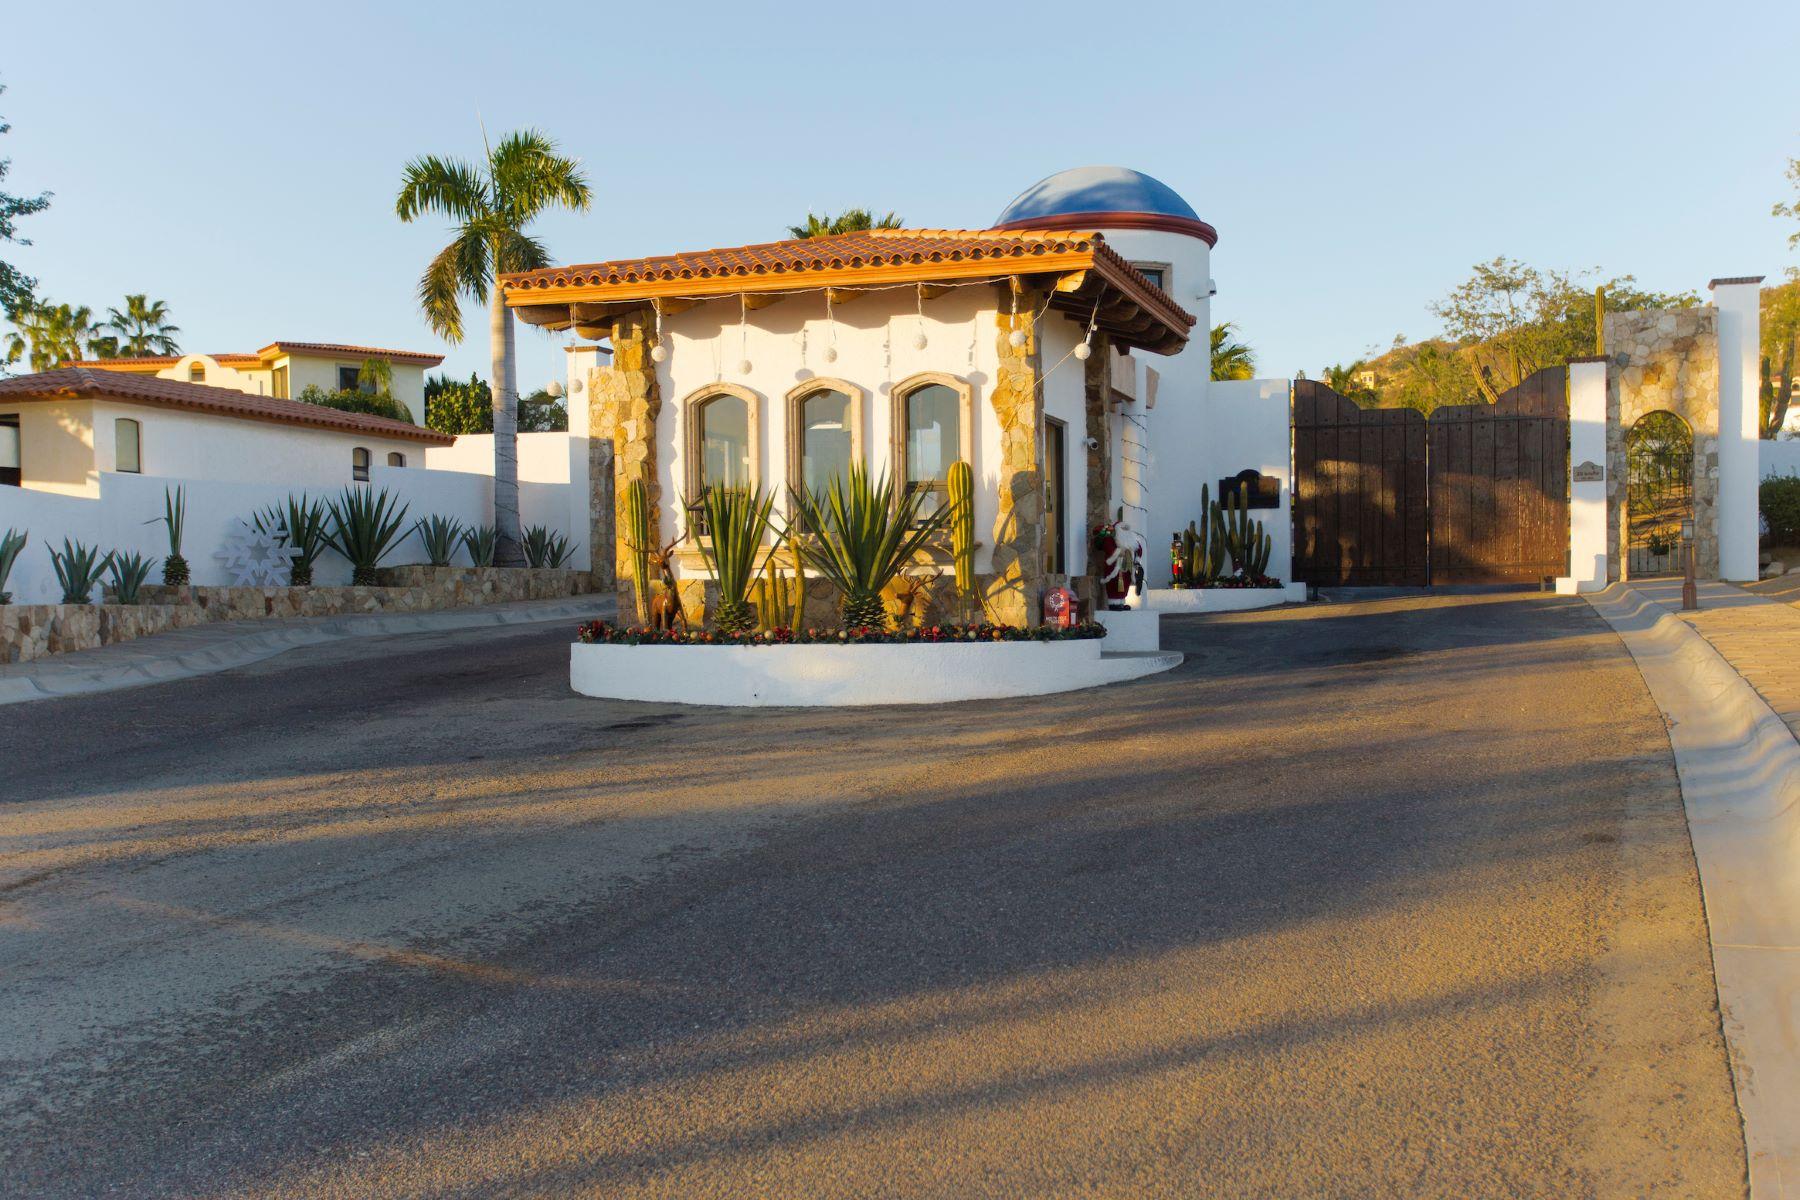 Additional photo for property listing at Rancho Paraíso Heights E-12 Cabo San Lucas, Baja California Sur Mexico